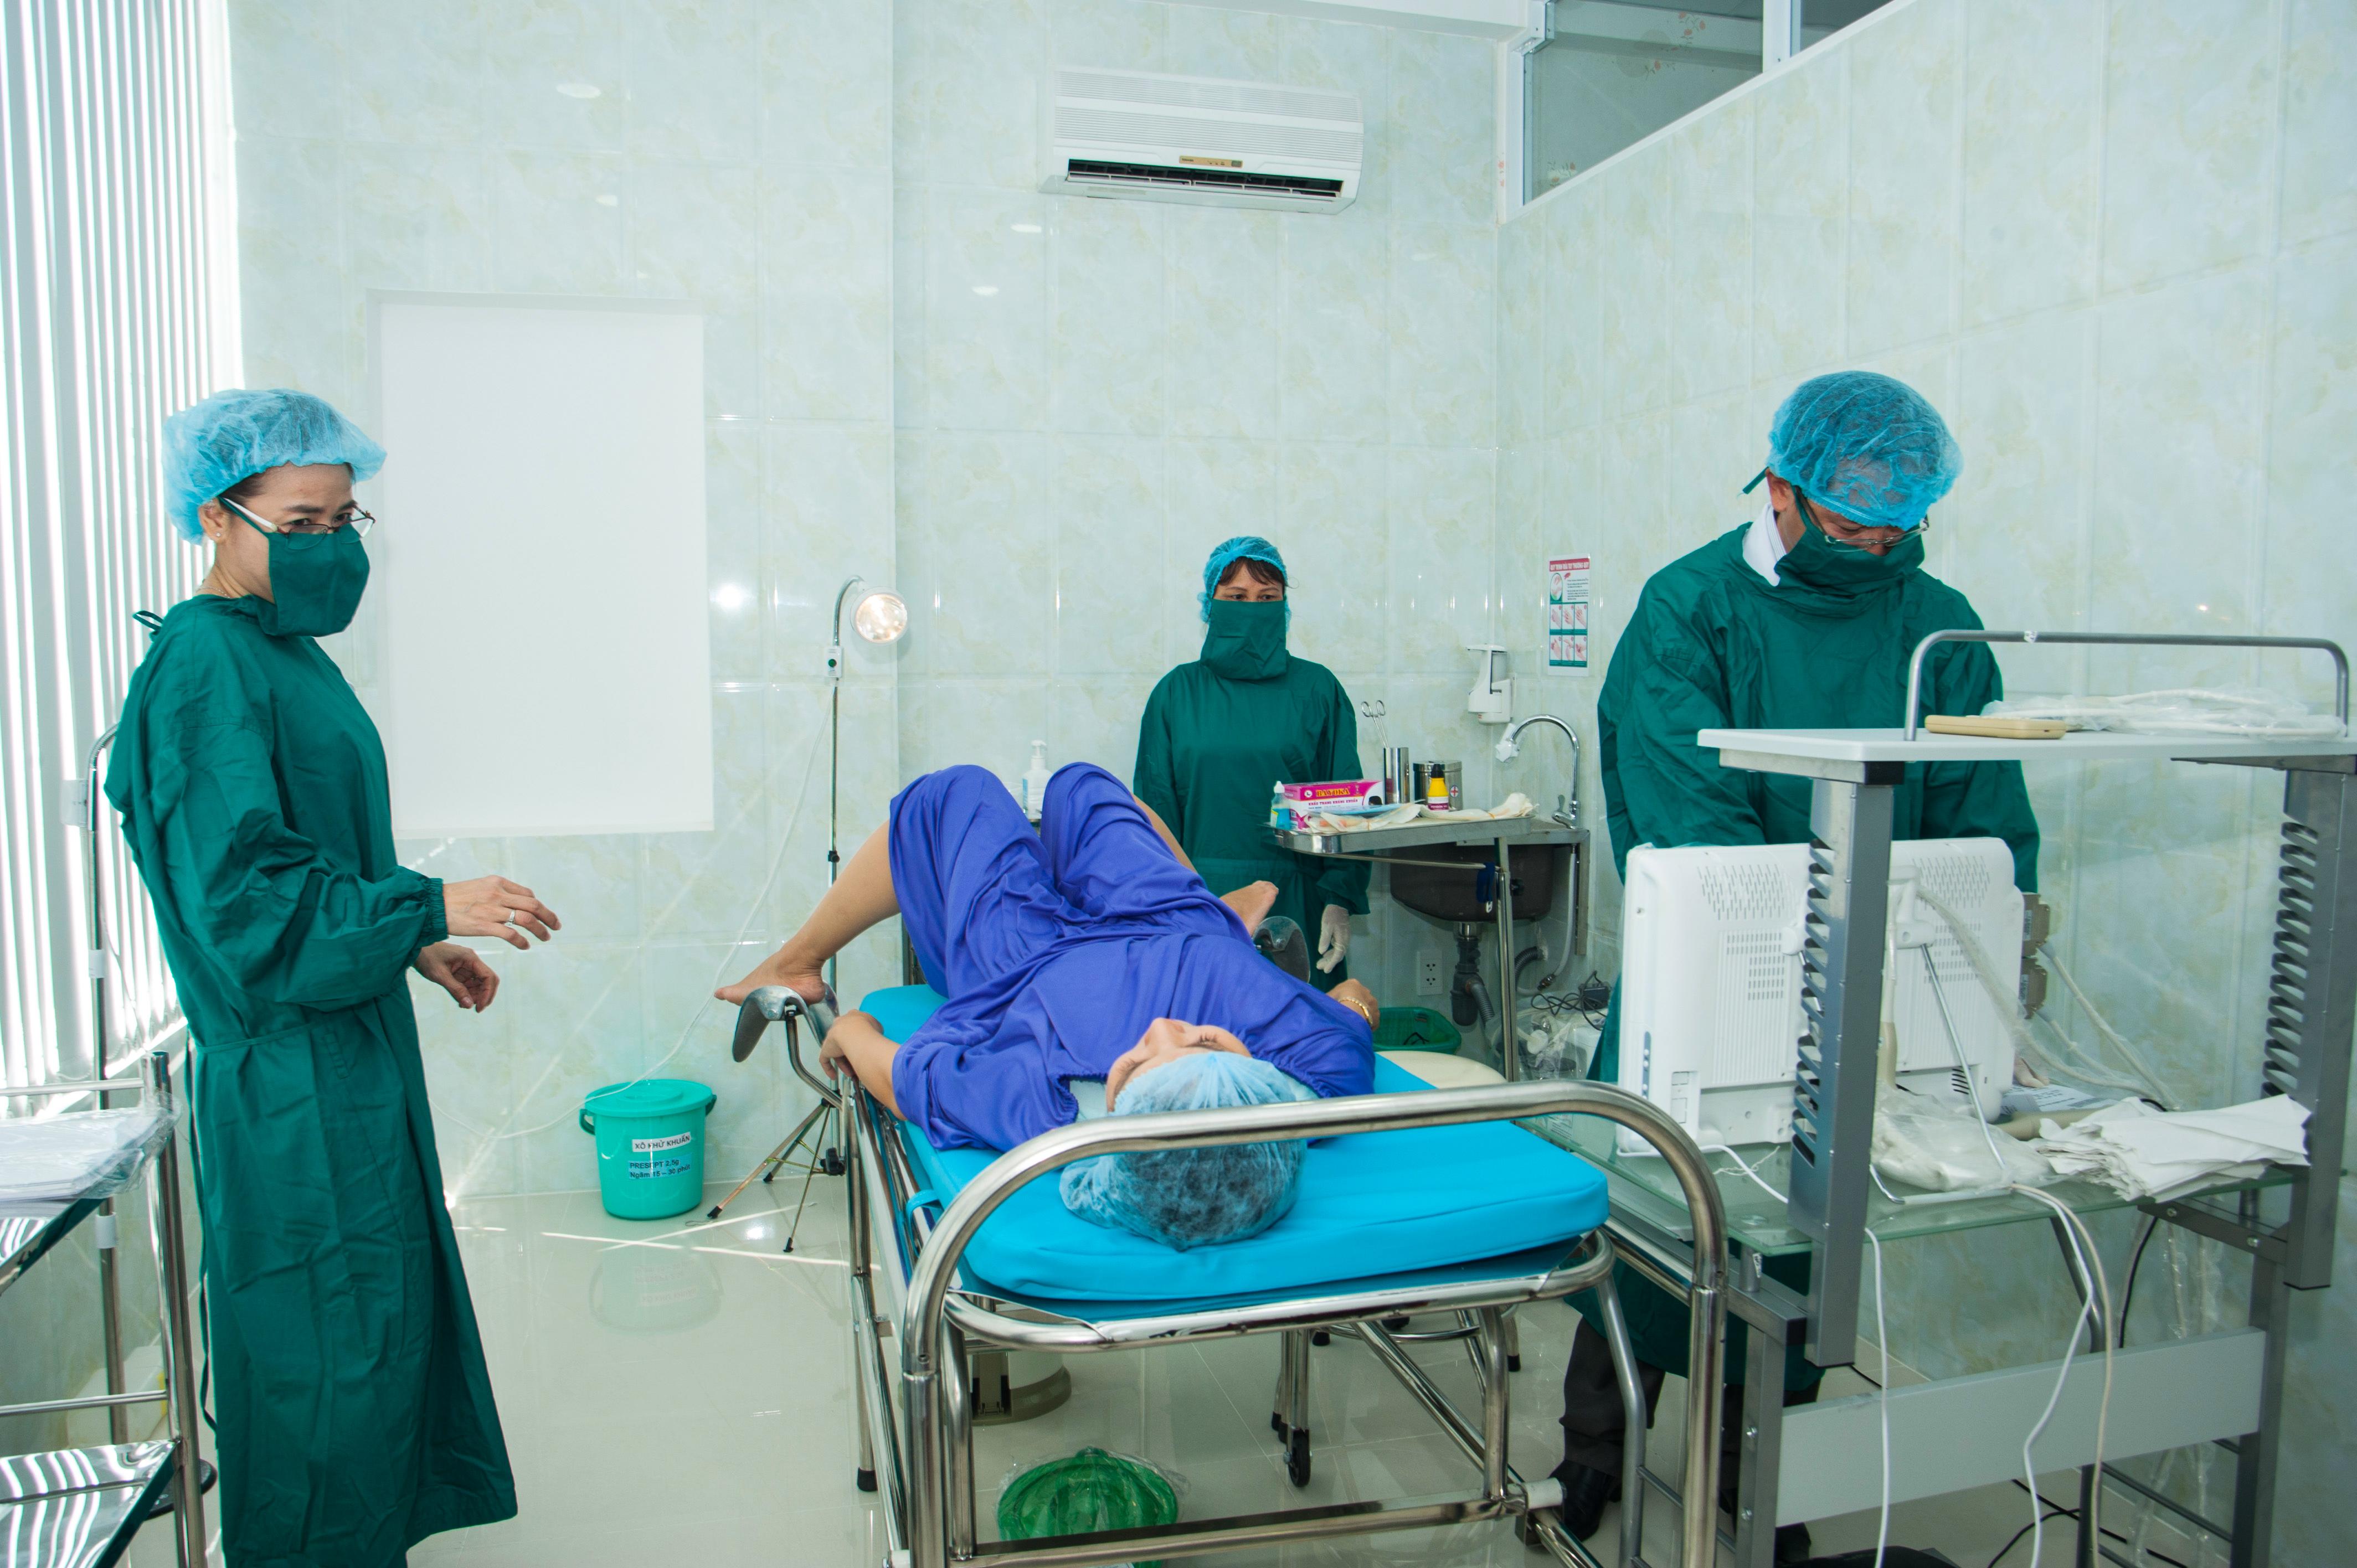 benh vien tu du khoa phu khoa - khám phụ khoa dịch vụ ở bệnh viện từ dũ - benh vien tu du tp hcm